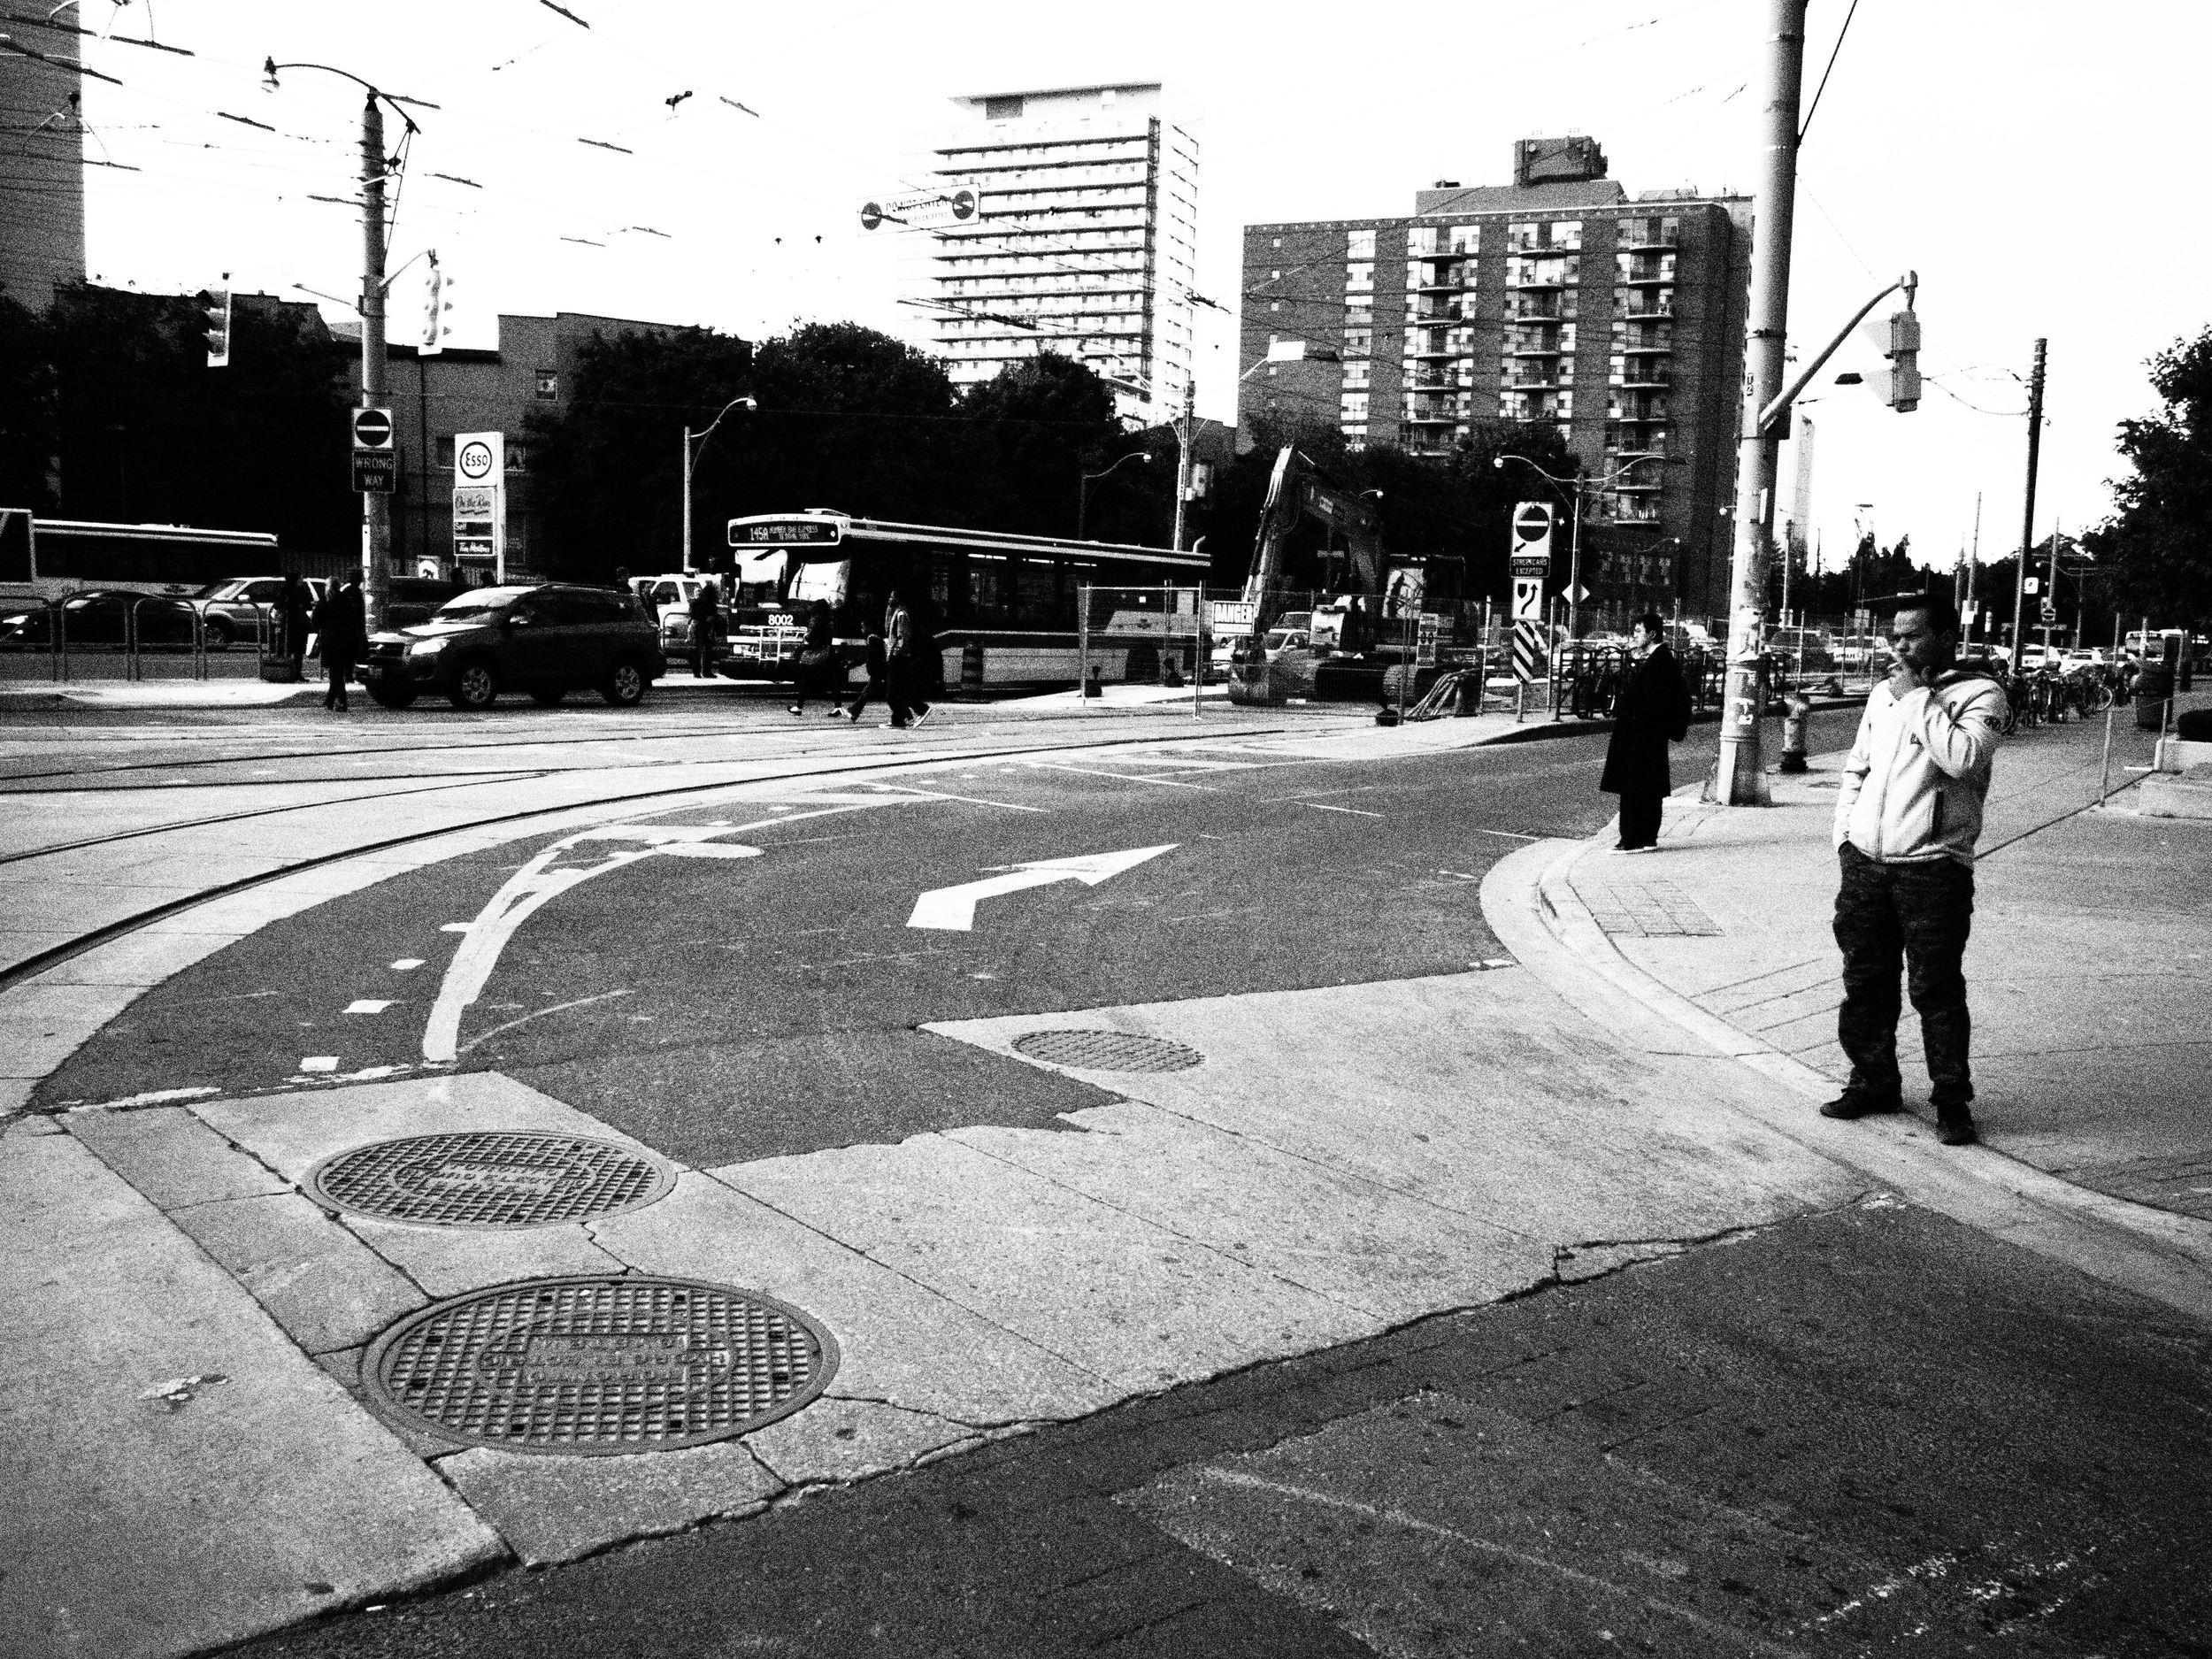 361/365 - Streetscape